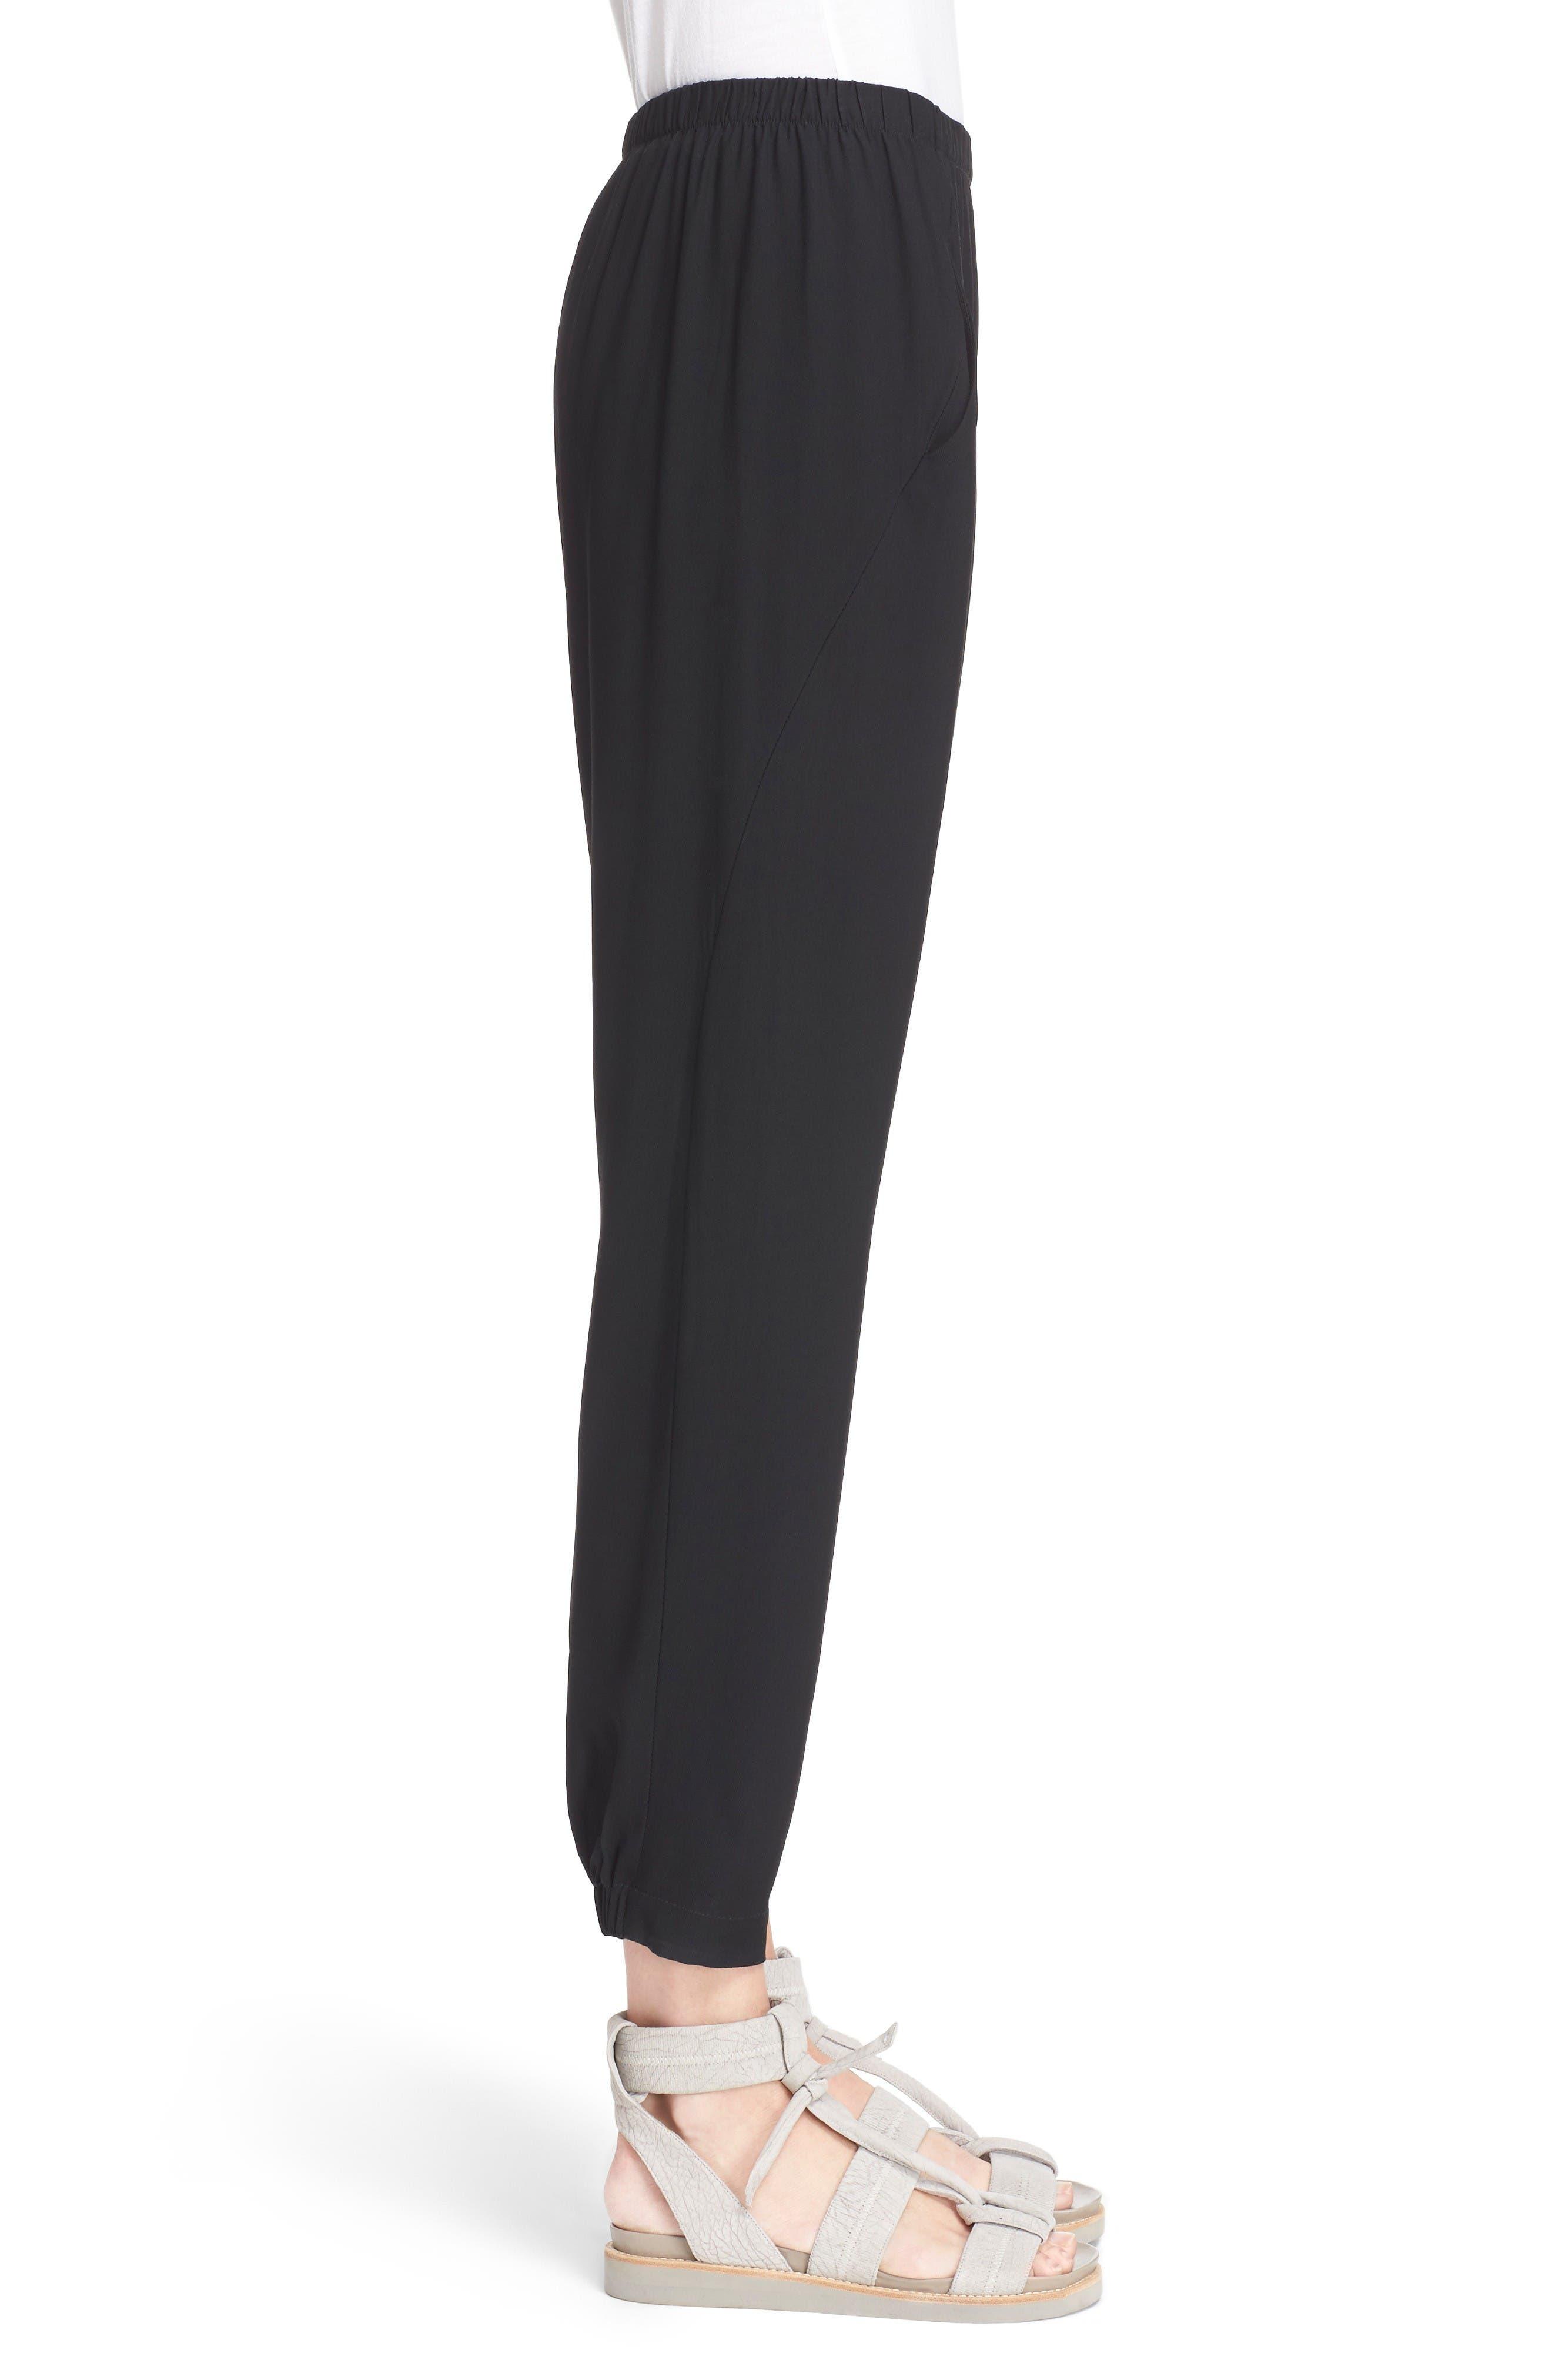 Gabi Drape Trousers,                             Alternate thumbnail 5, color,                             Black